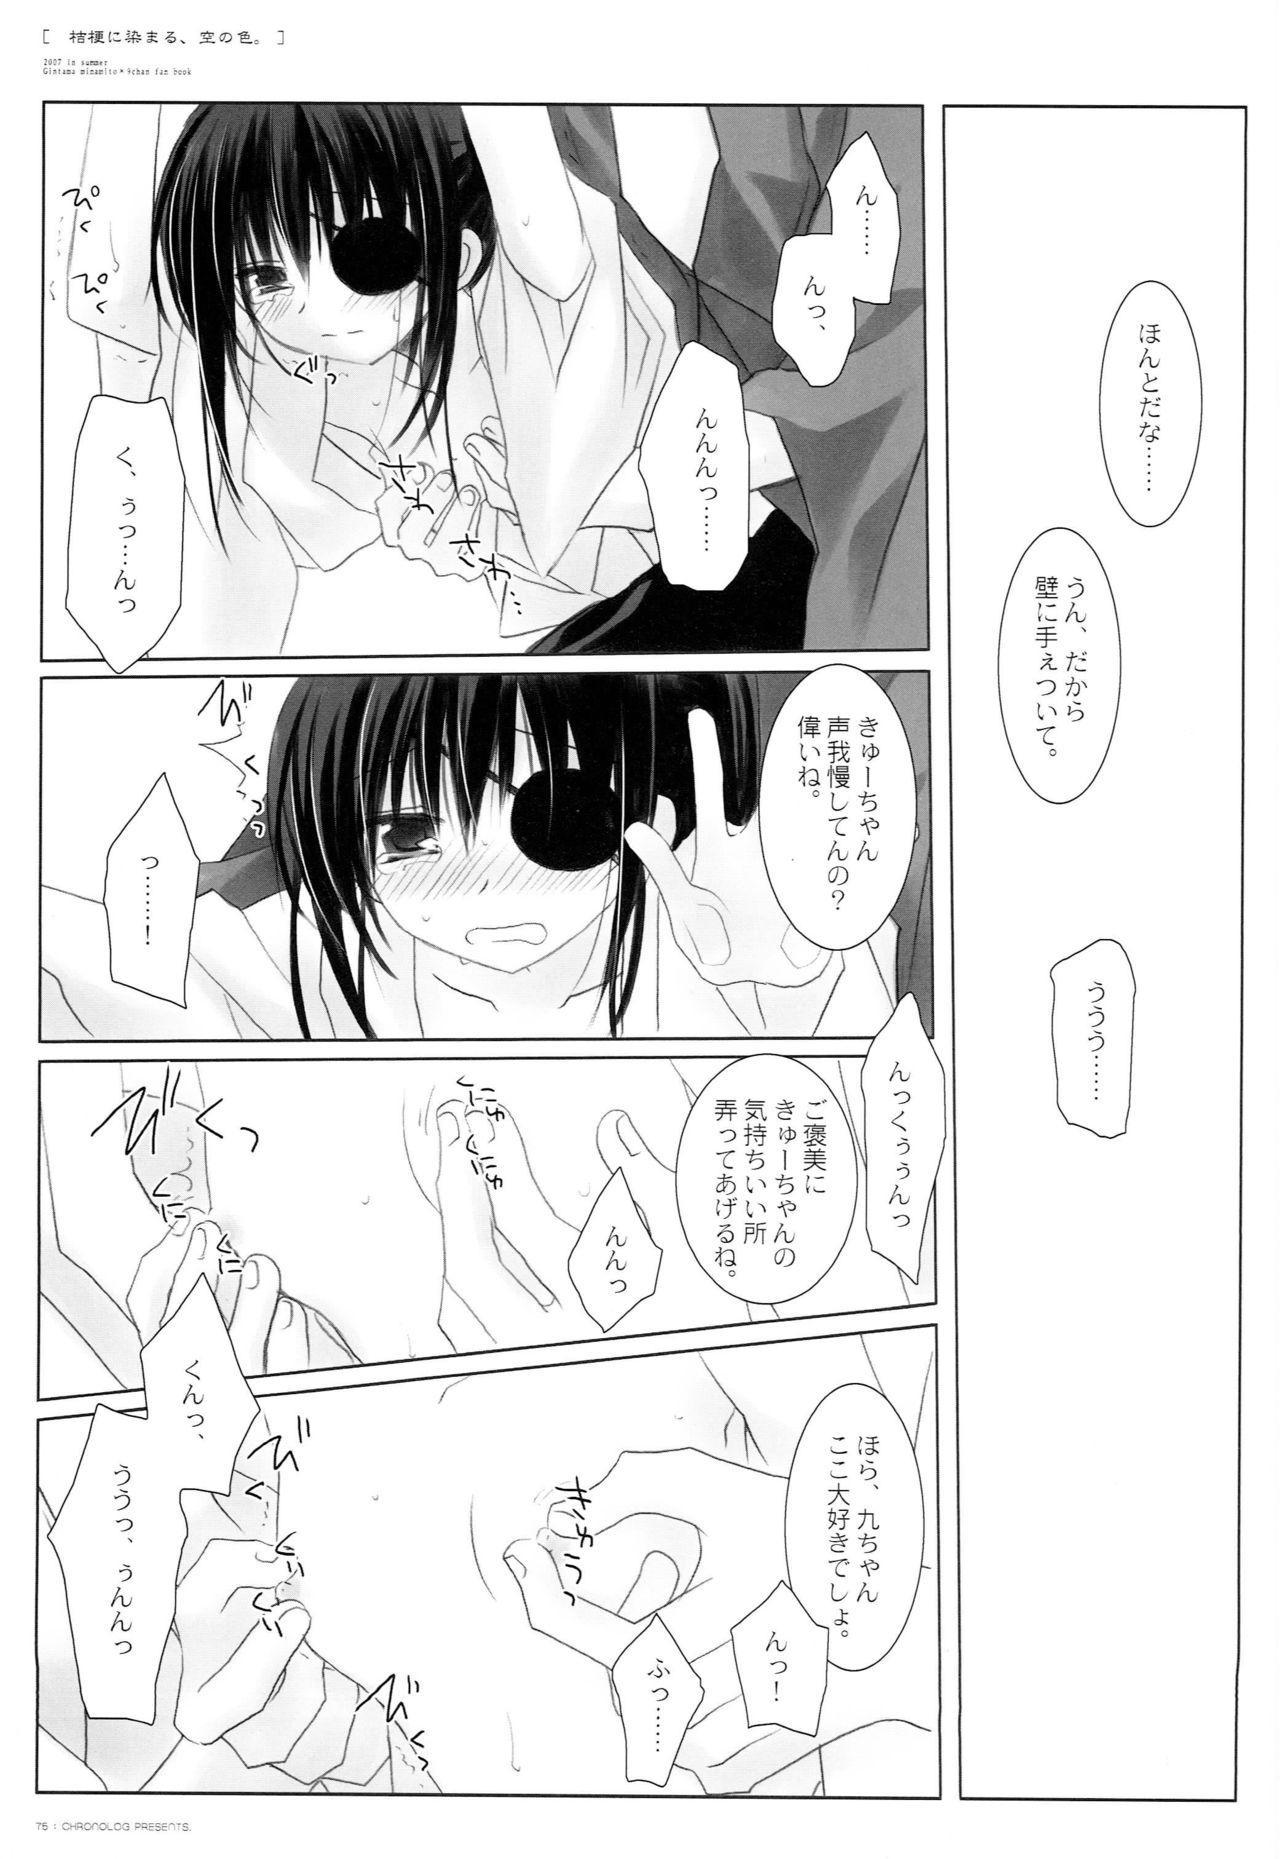 Kikyou ni Somaru Sora no Iro 73